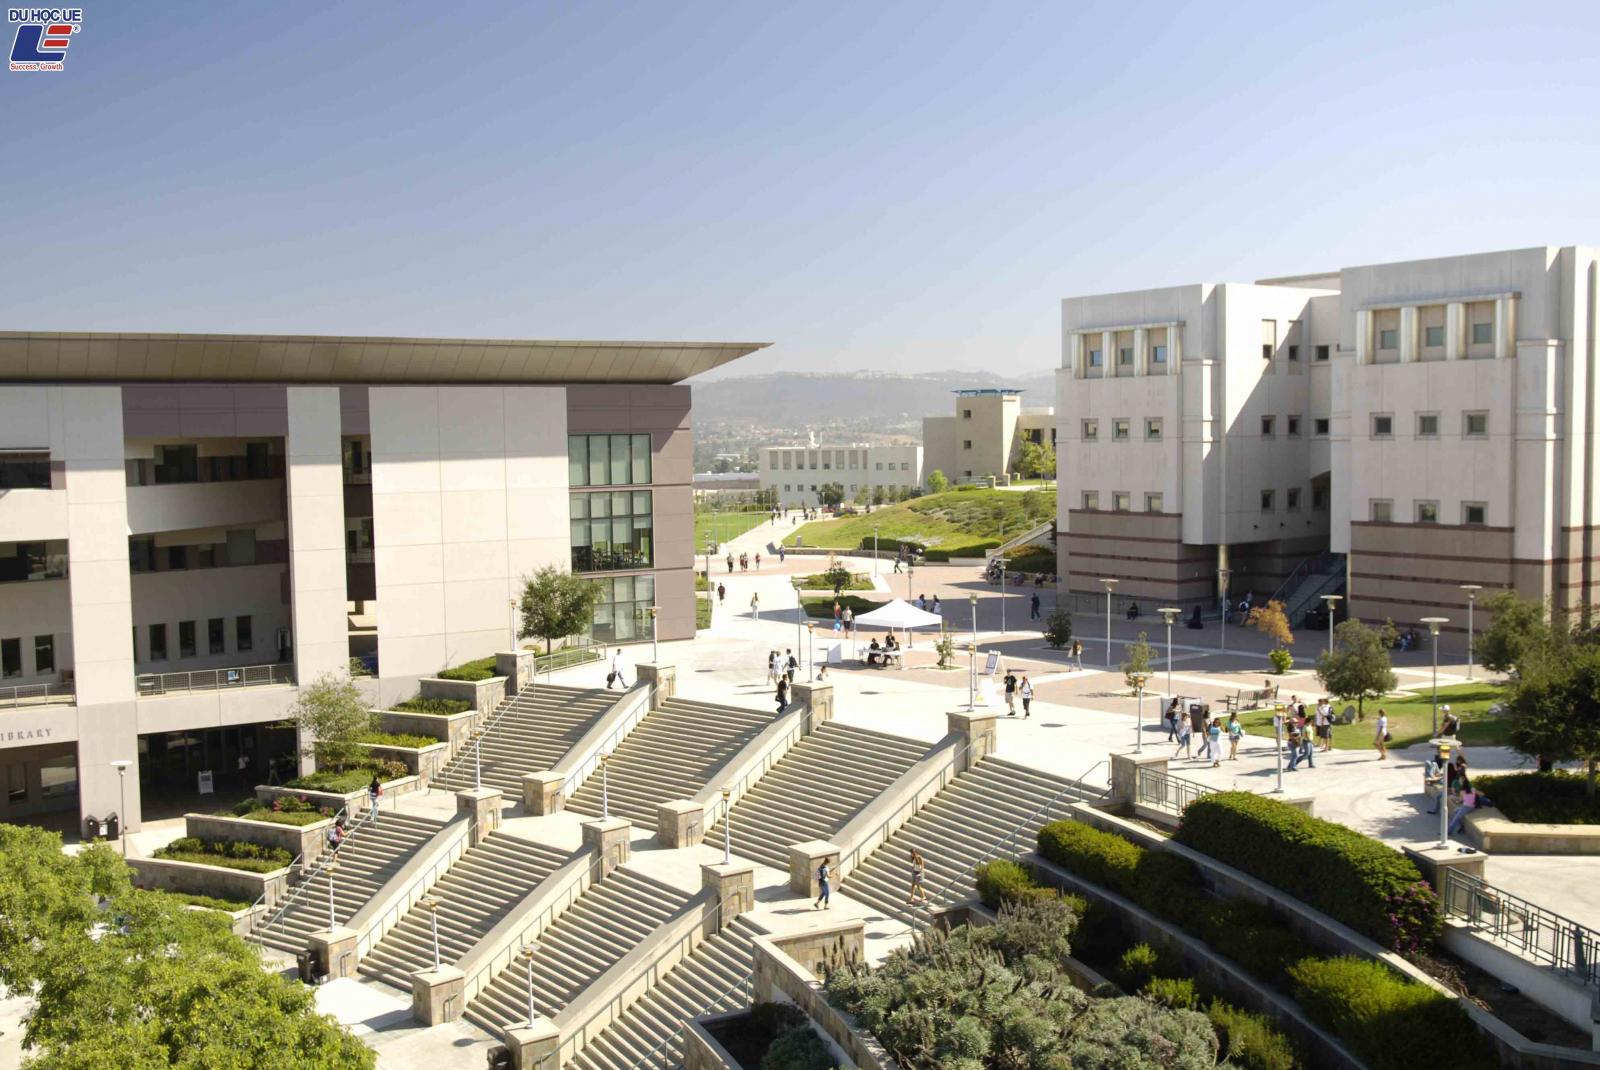 Du học Mỹ cùng trường California State University - San Marcos_Không yêu cầu SAT, ACT